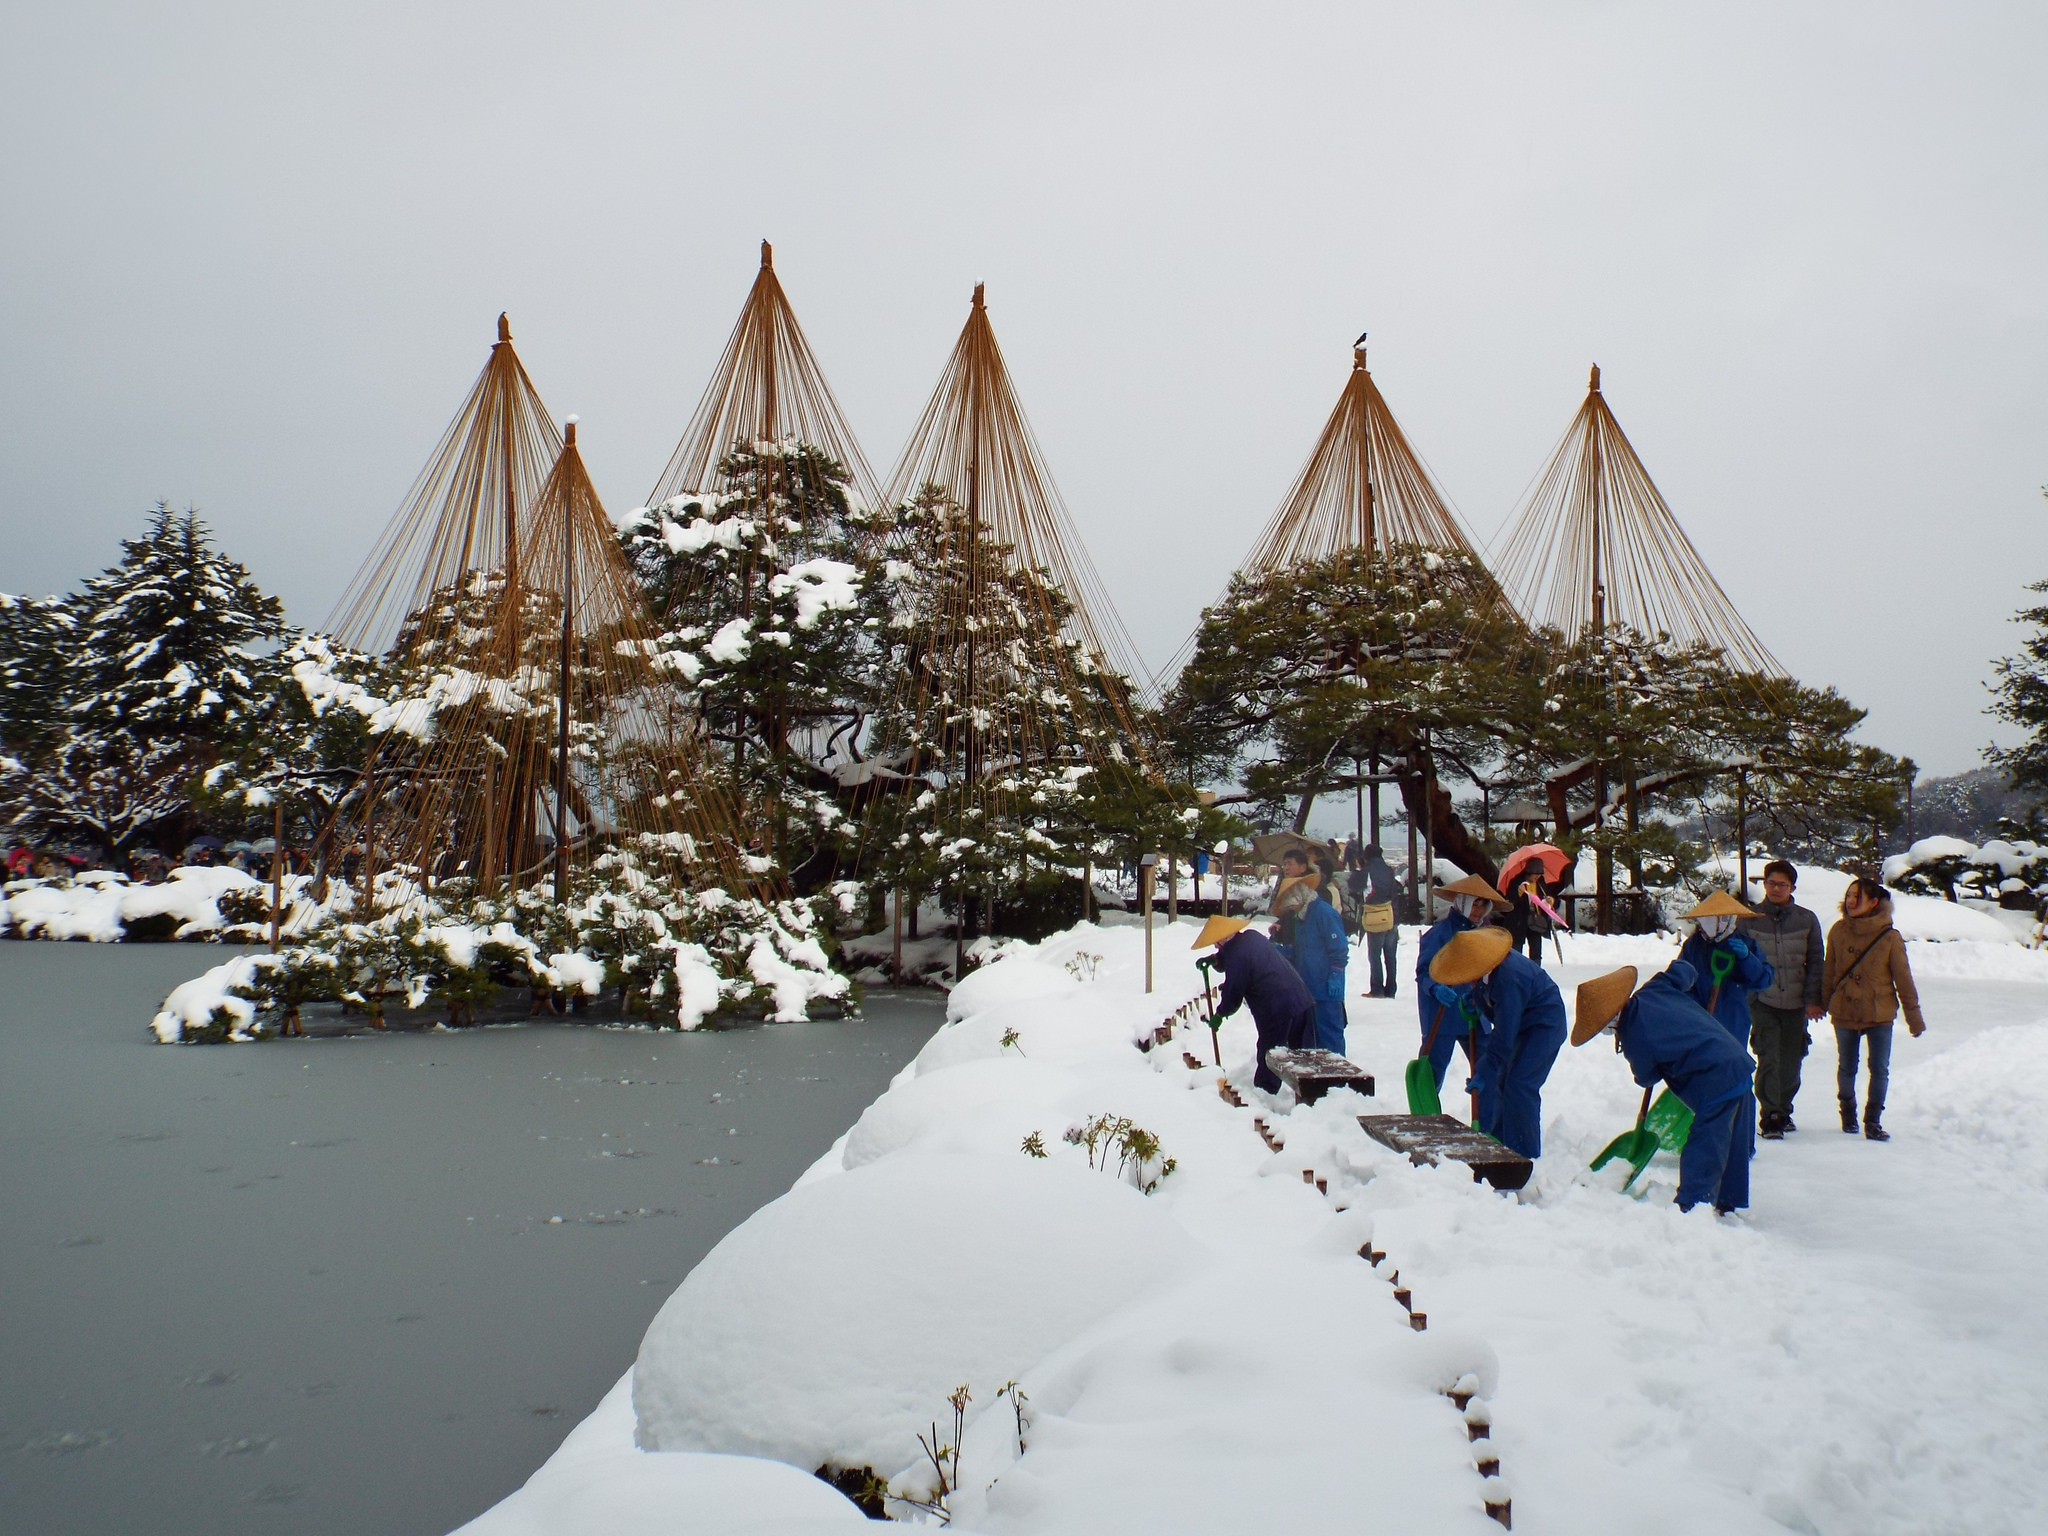 Der Kenrokuen Garten in Kanazawa ist im Winter besonders faszinierend durch die Seilkonstruktionen, die die Bäume vor zu hoher Schneelast sichern sollen. (Foto: Happy Come   Flickr)